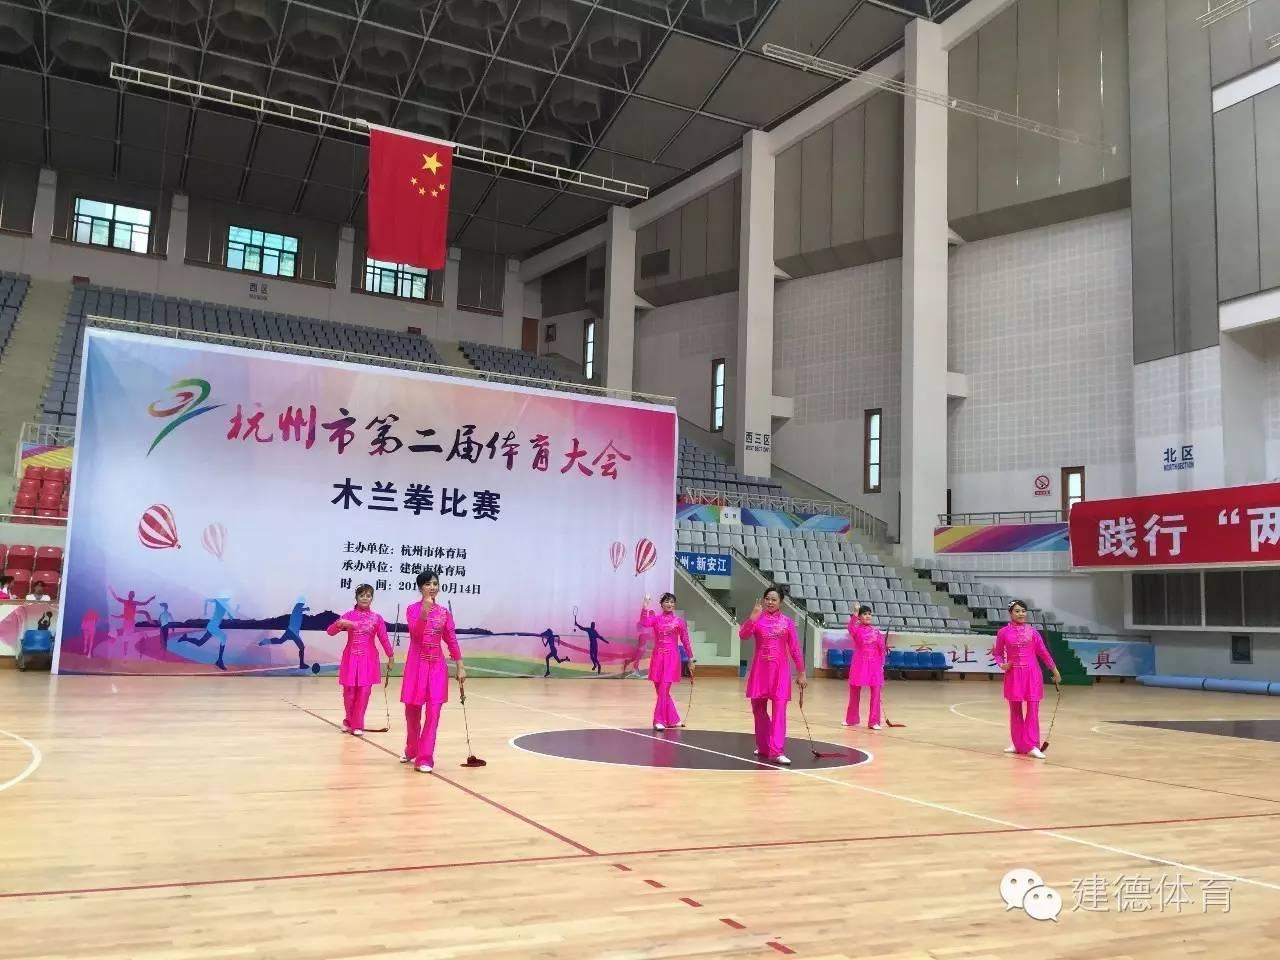 建德木兰在杭州市第二届公园大木兰拳比赛收仙桐体育体育-攀岩区评论图片